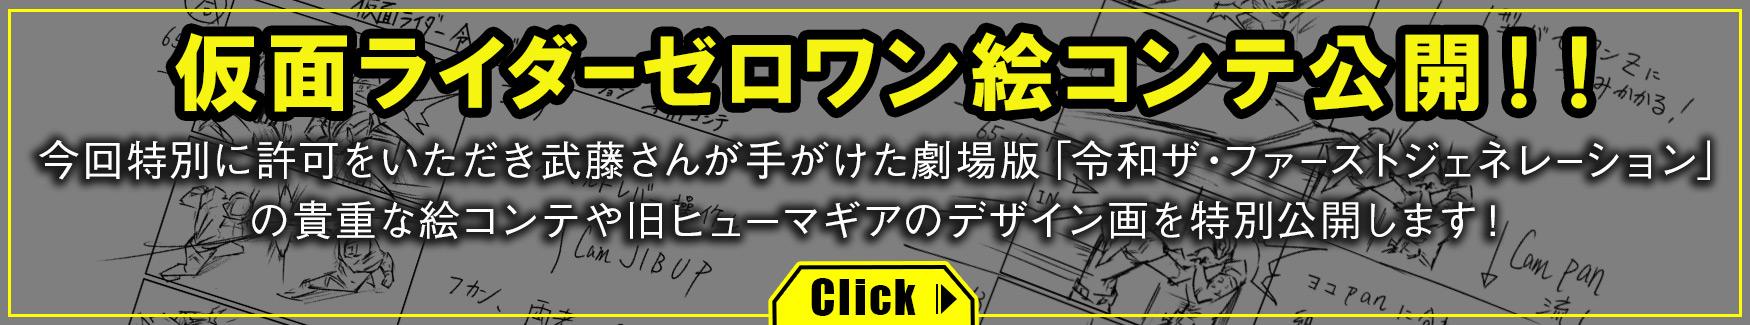 仮面ライダーゼロワン絵コンテ、公開